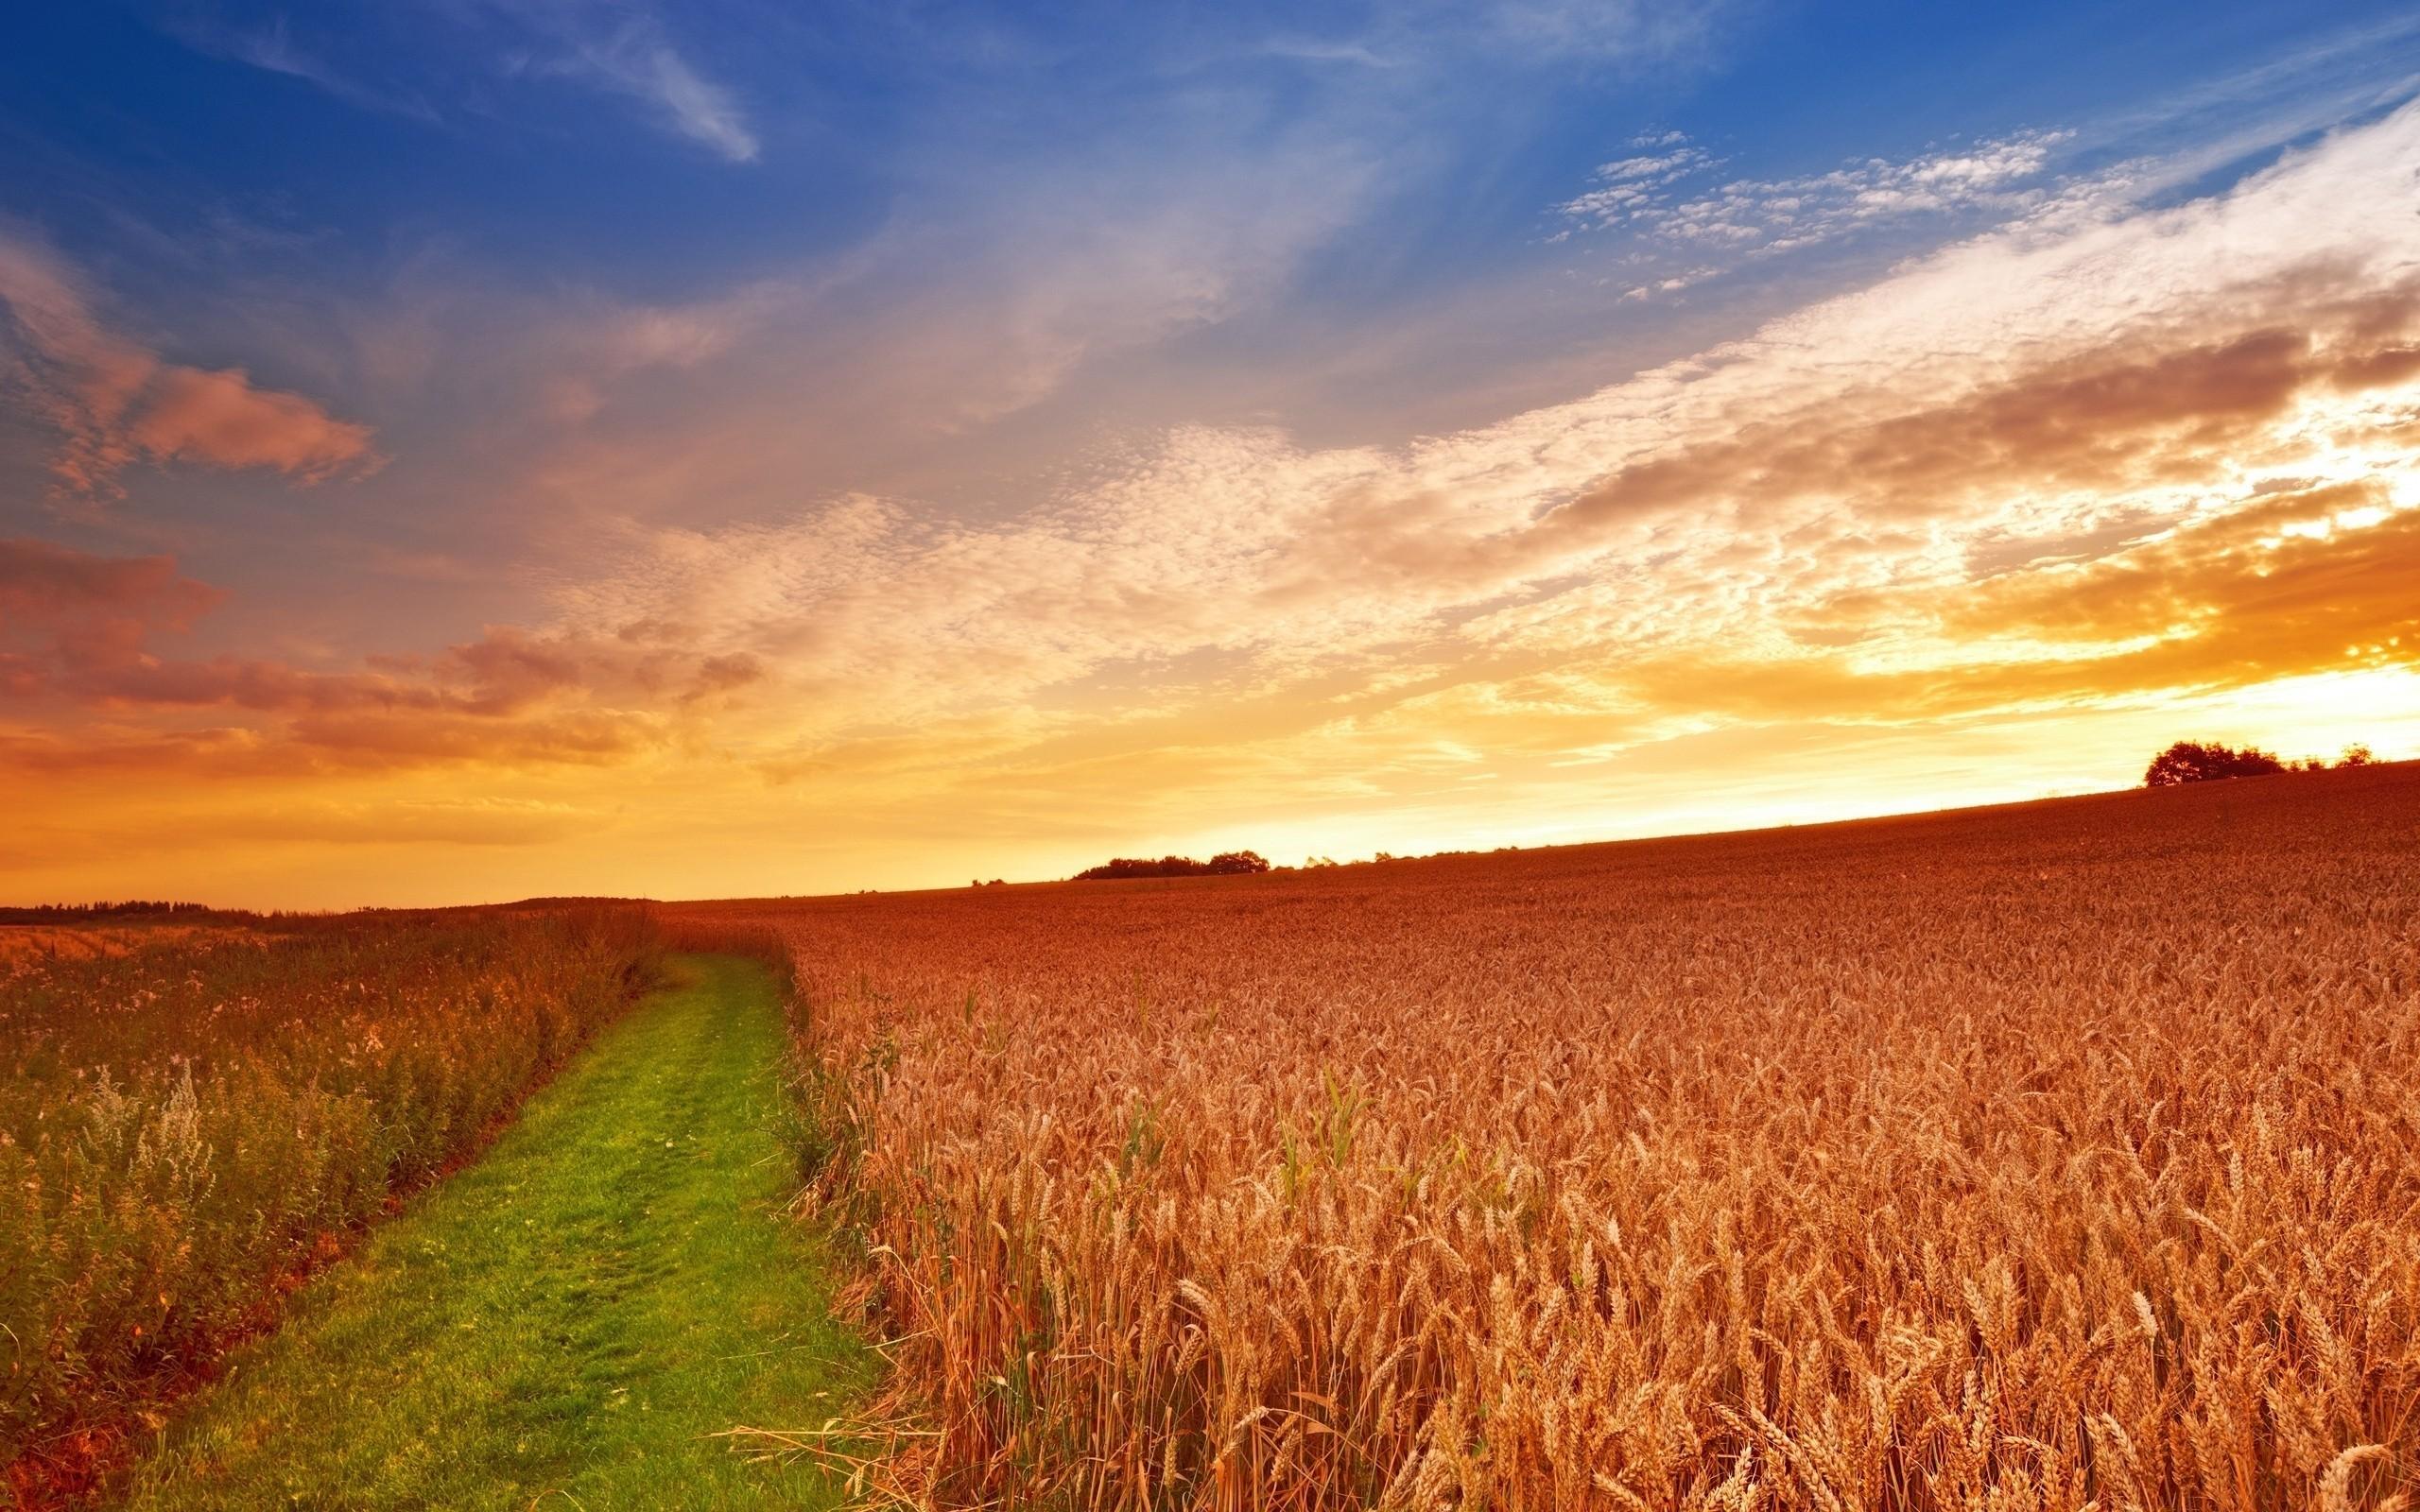 Res: 2560x1600, Farming Wallpaper HD.